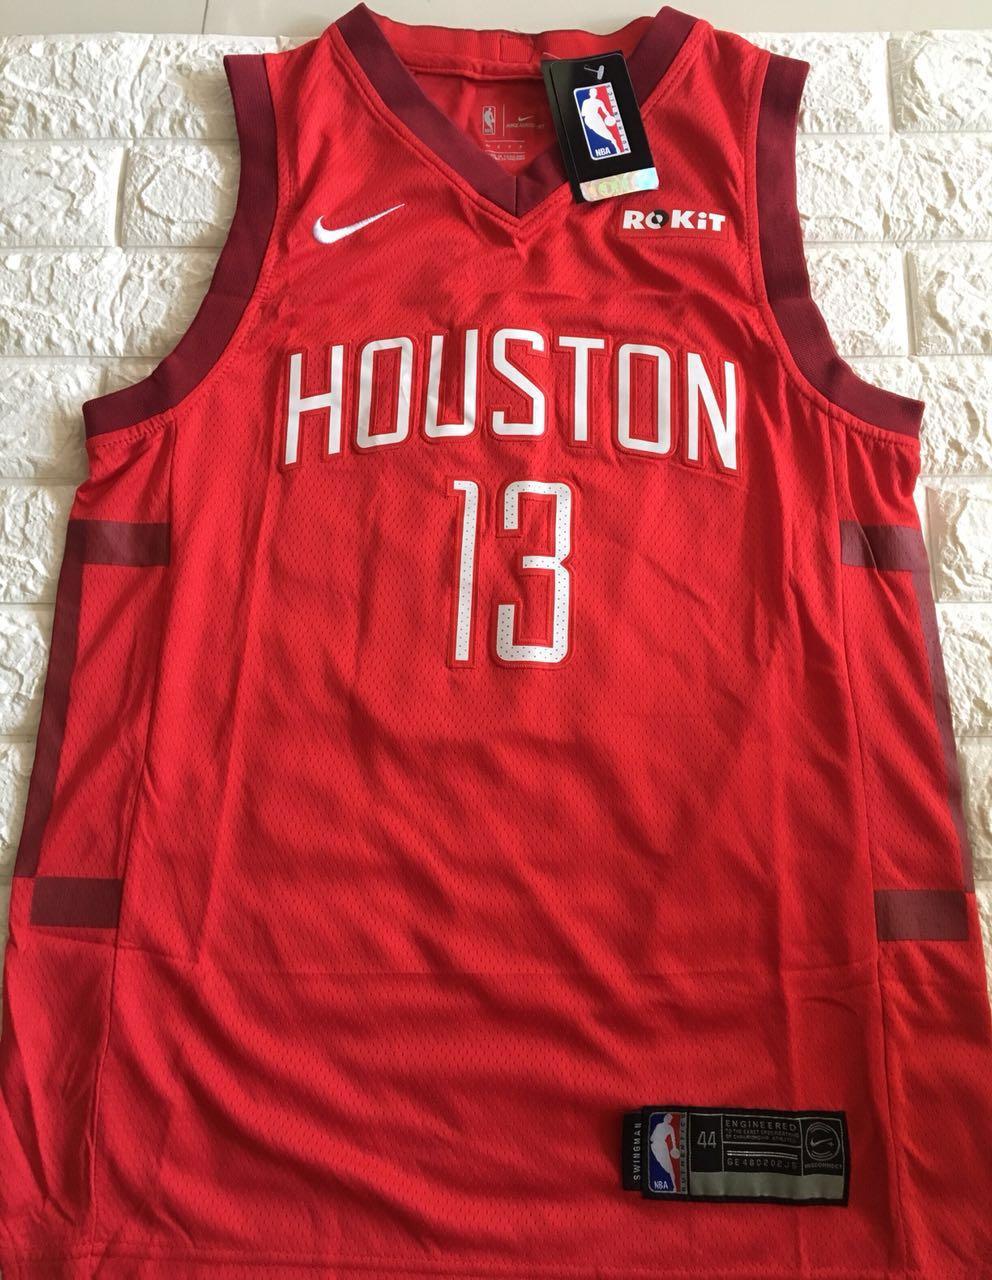 262cb0d6df5d Basketball Jerseys for sale - Mens Basketball Jersey online brands ...